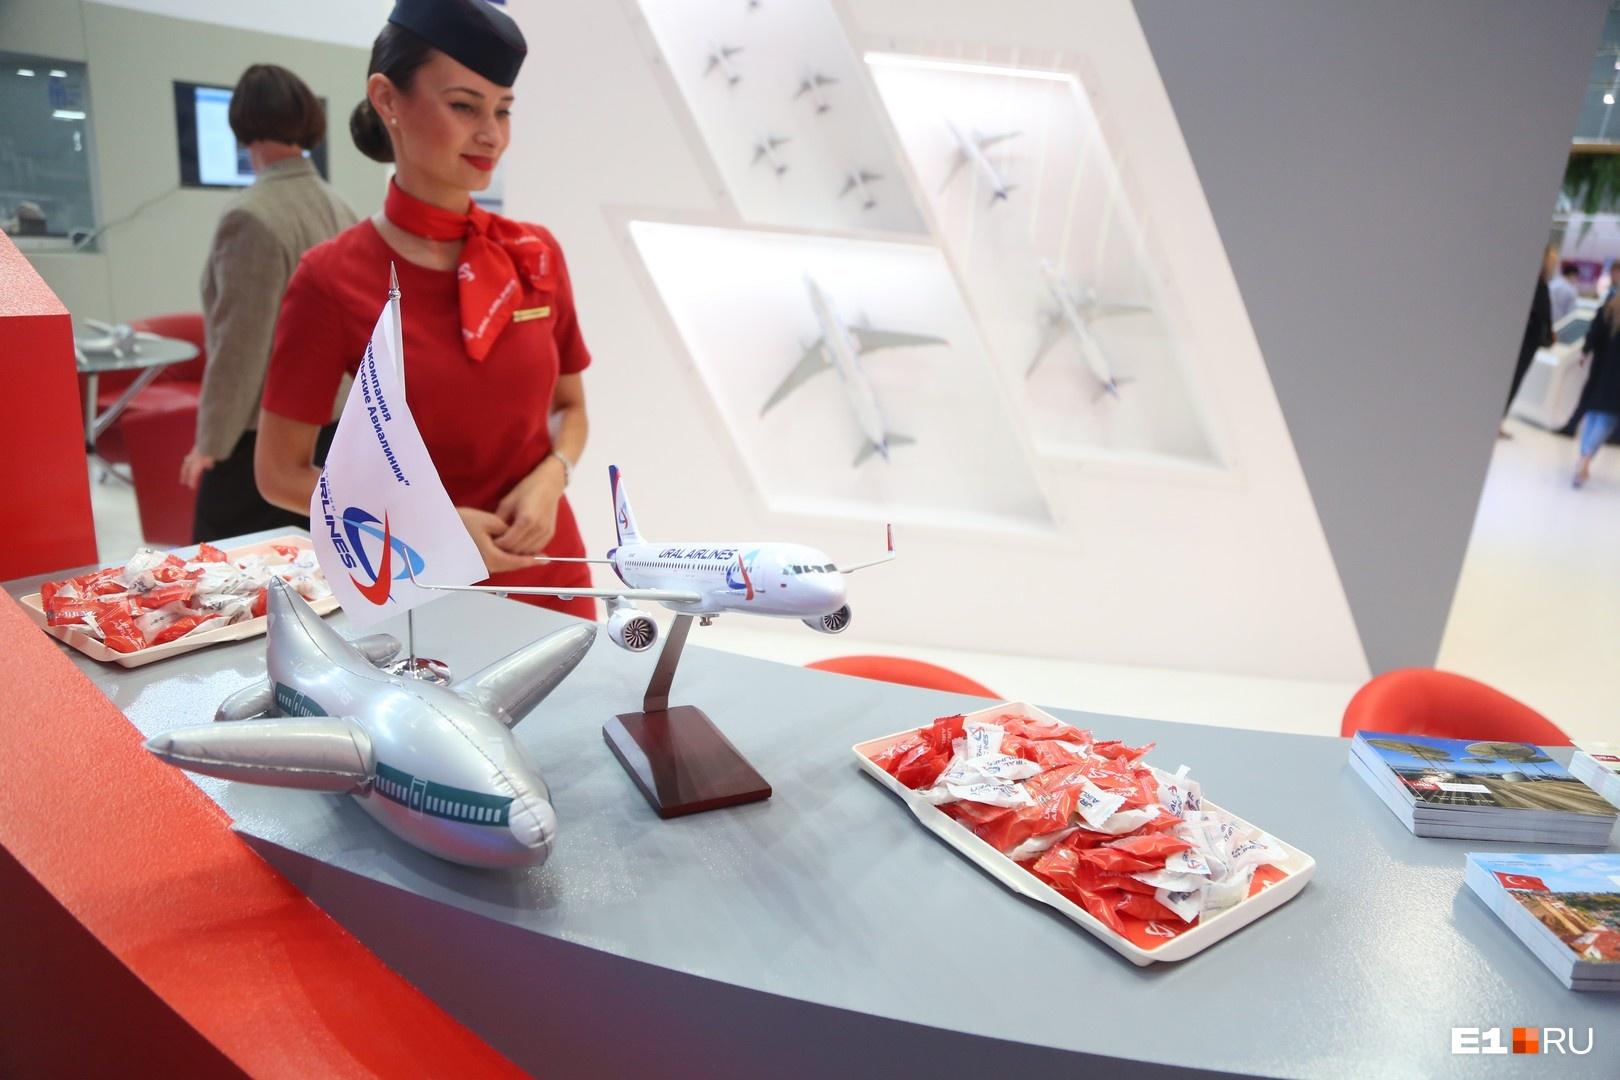 Все дети вне зависимости от возраста любят конфеты и подарки. За этим нужно идти на стенд «Уральских авиалиний». Здесь угостят леденцами, которые стюардессы обычно раздают на борту, и подарят надувной самолетик